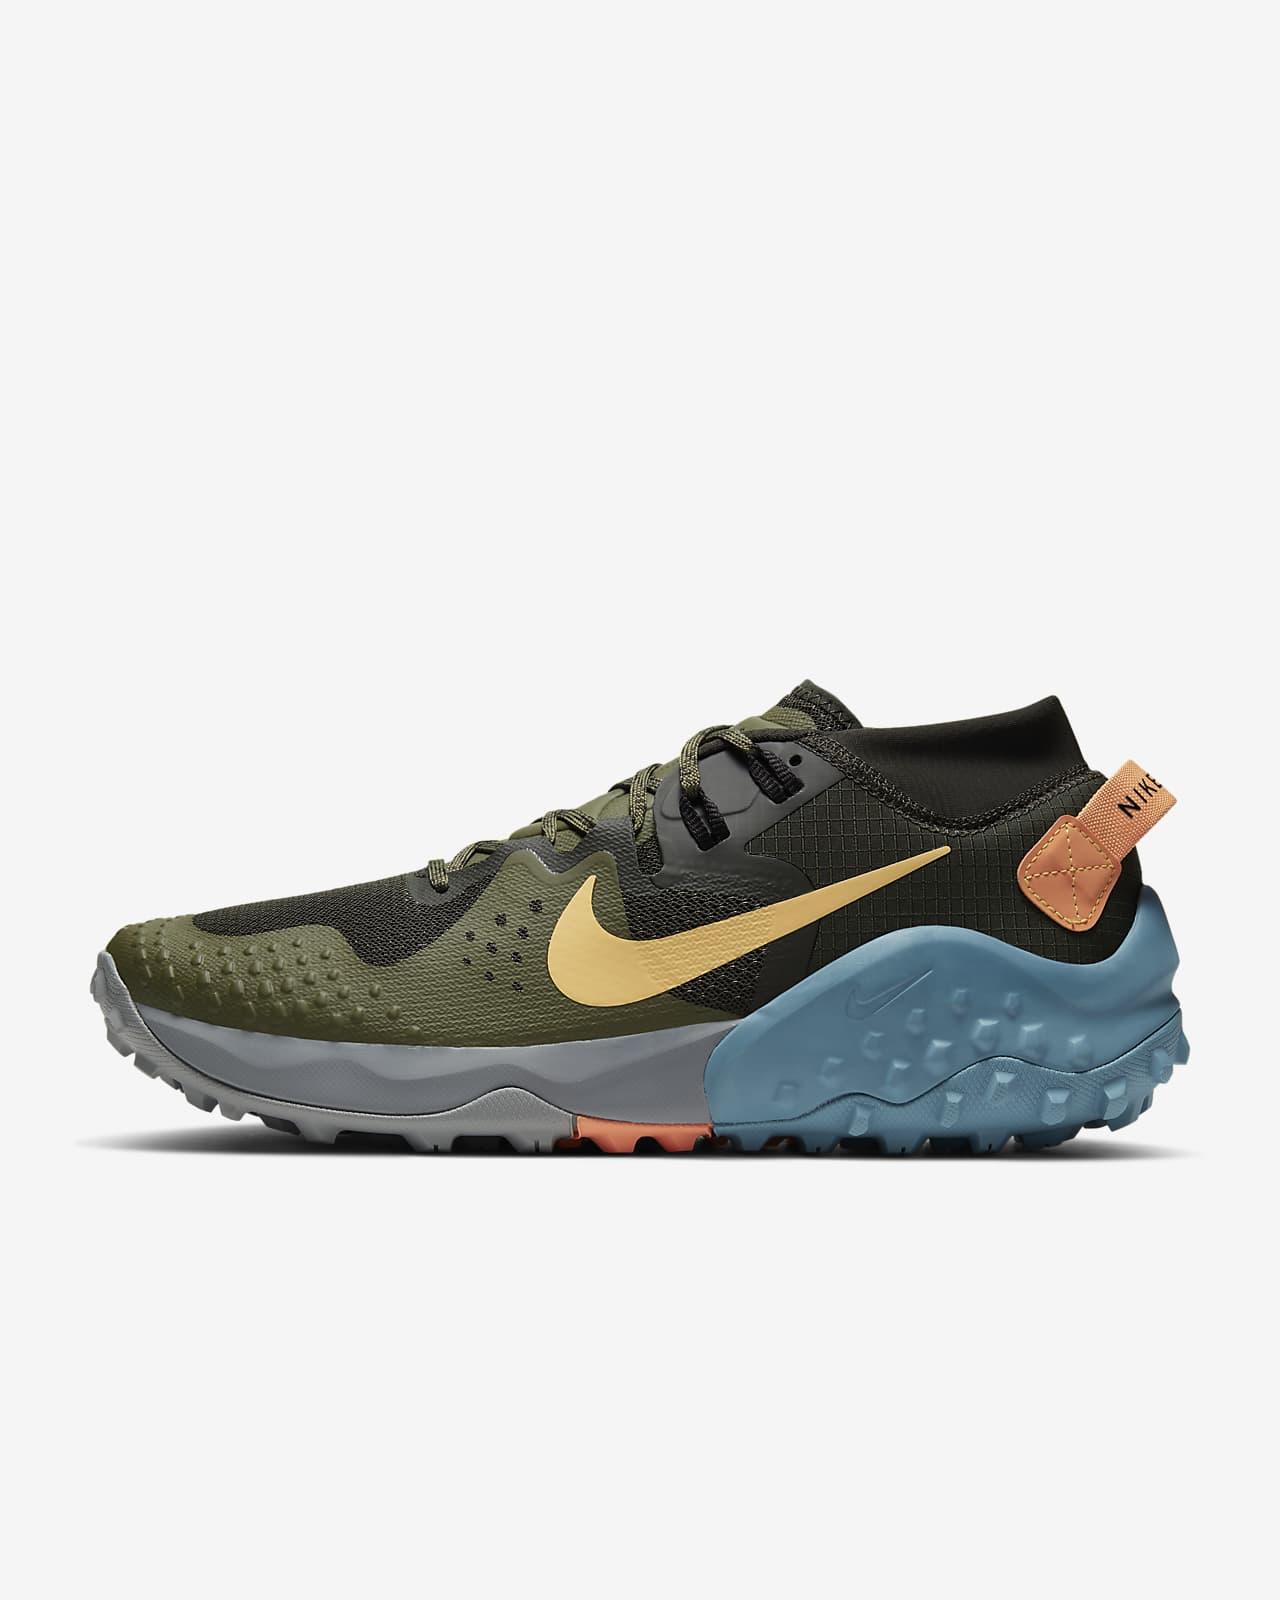 Pánská běžecká trailová bota Nike Wildhorse 6